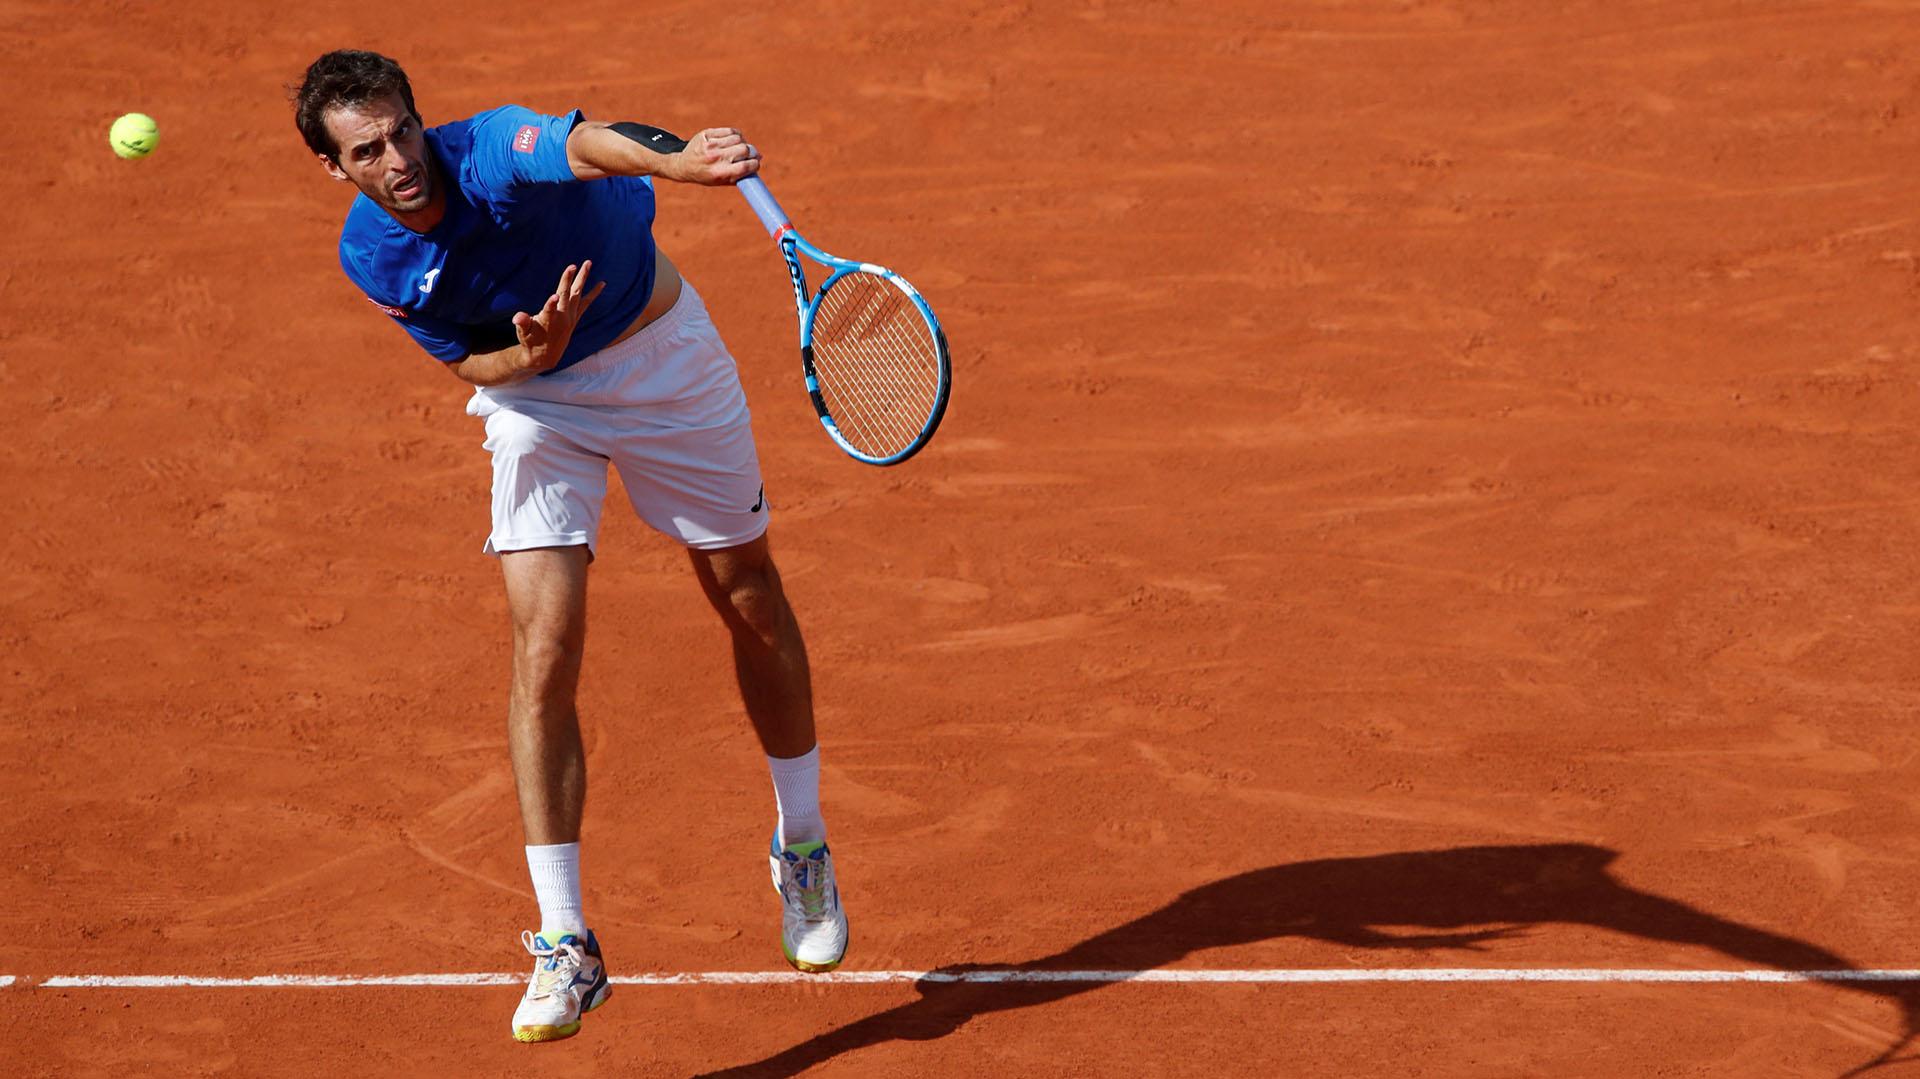 Albert Ramos-Viñolas se ubica en el puesto 36 del ranking ATP (Foto: Reuters)